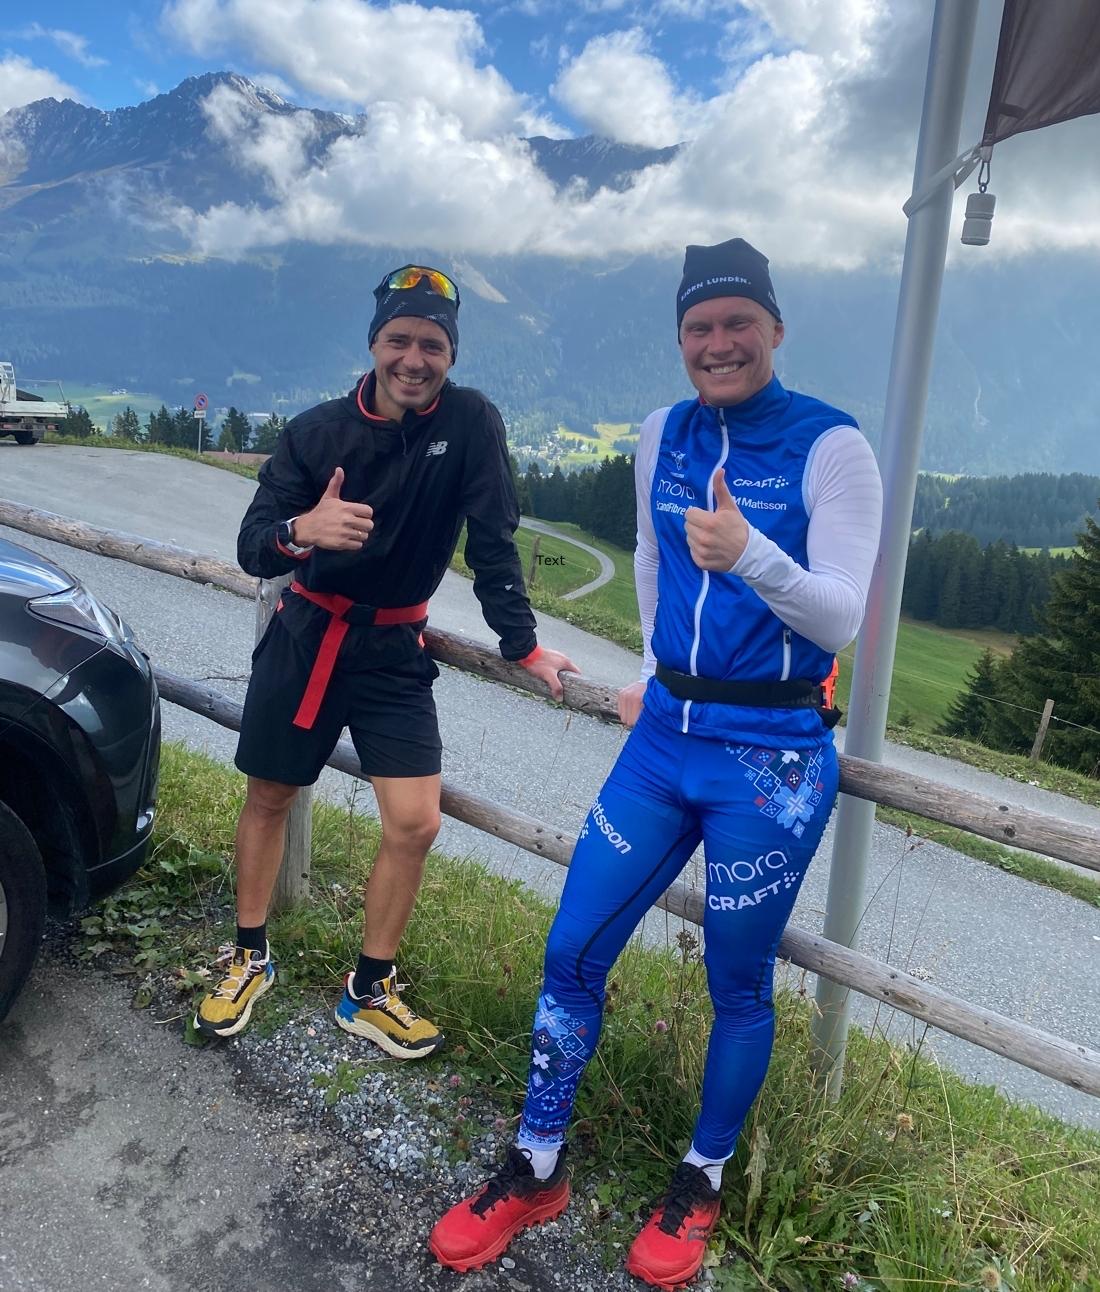 Glada träningskompisar. Ilya Chernousov och Axel Ekström har tränat bra ihop i Schweiz den senaste tiden. FOTO: Privat.